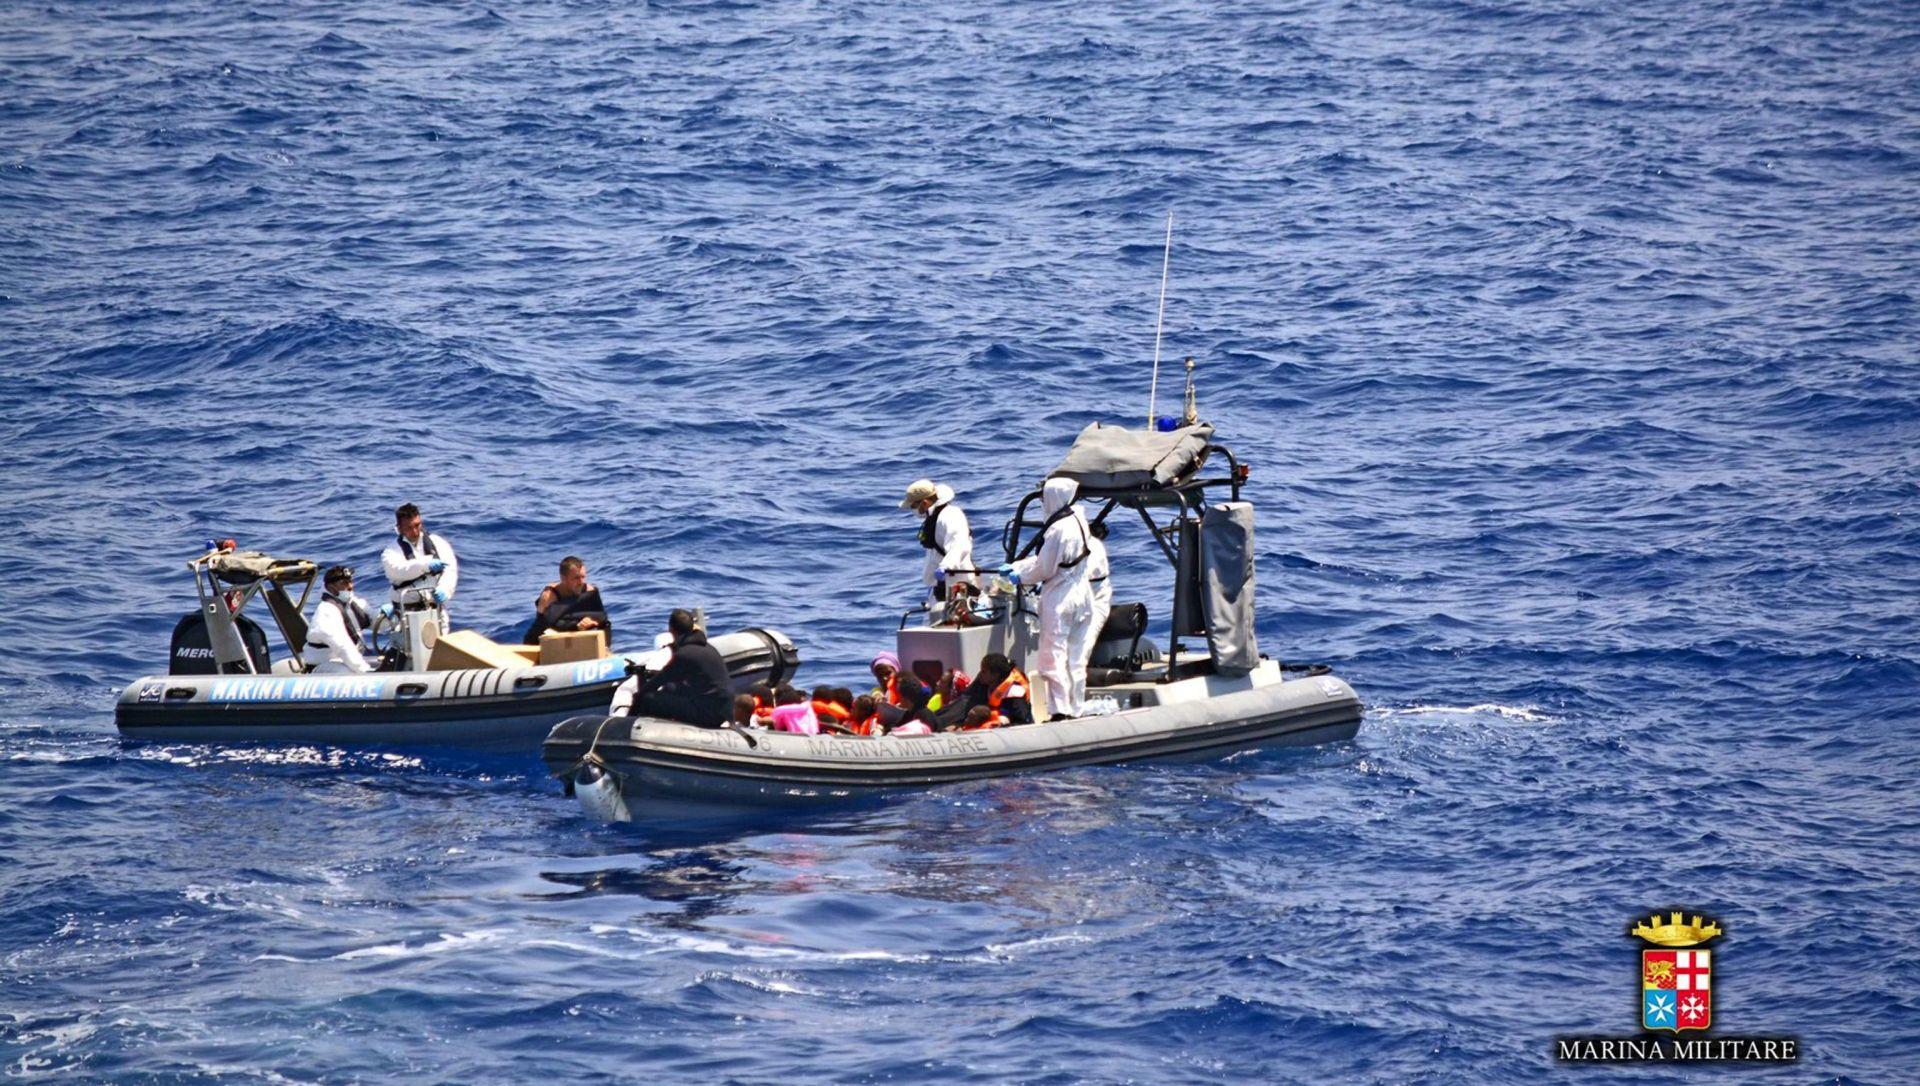 Više od 40 mrtvih u potonuću trajekta na jezeru Victoriji